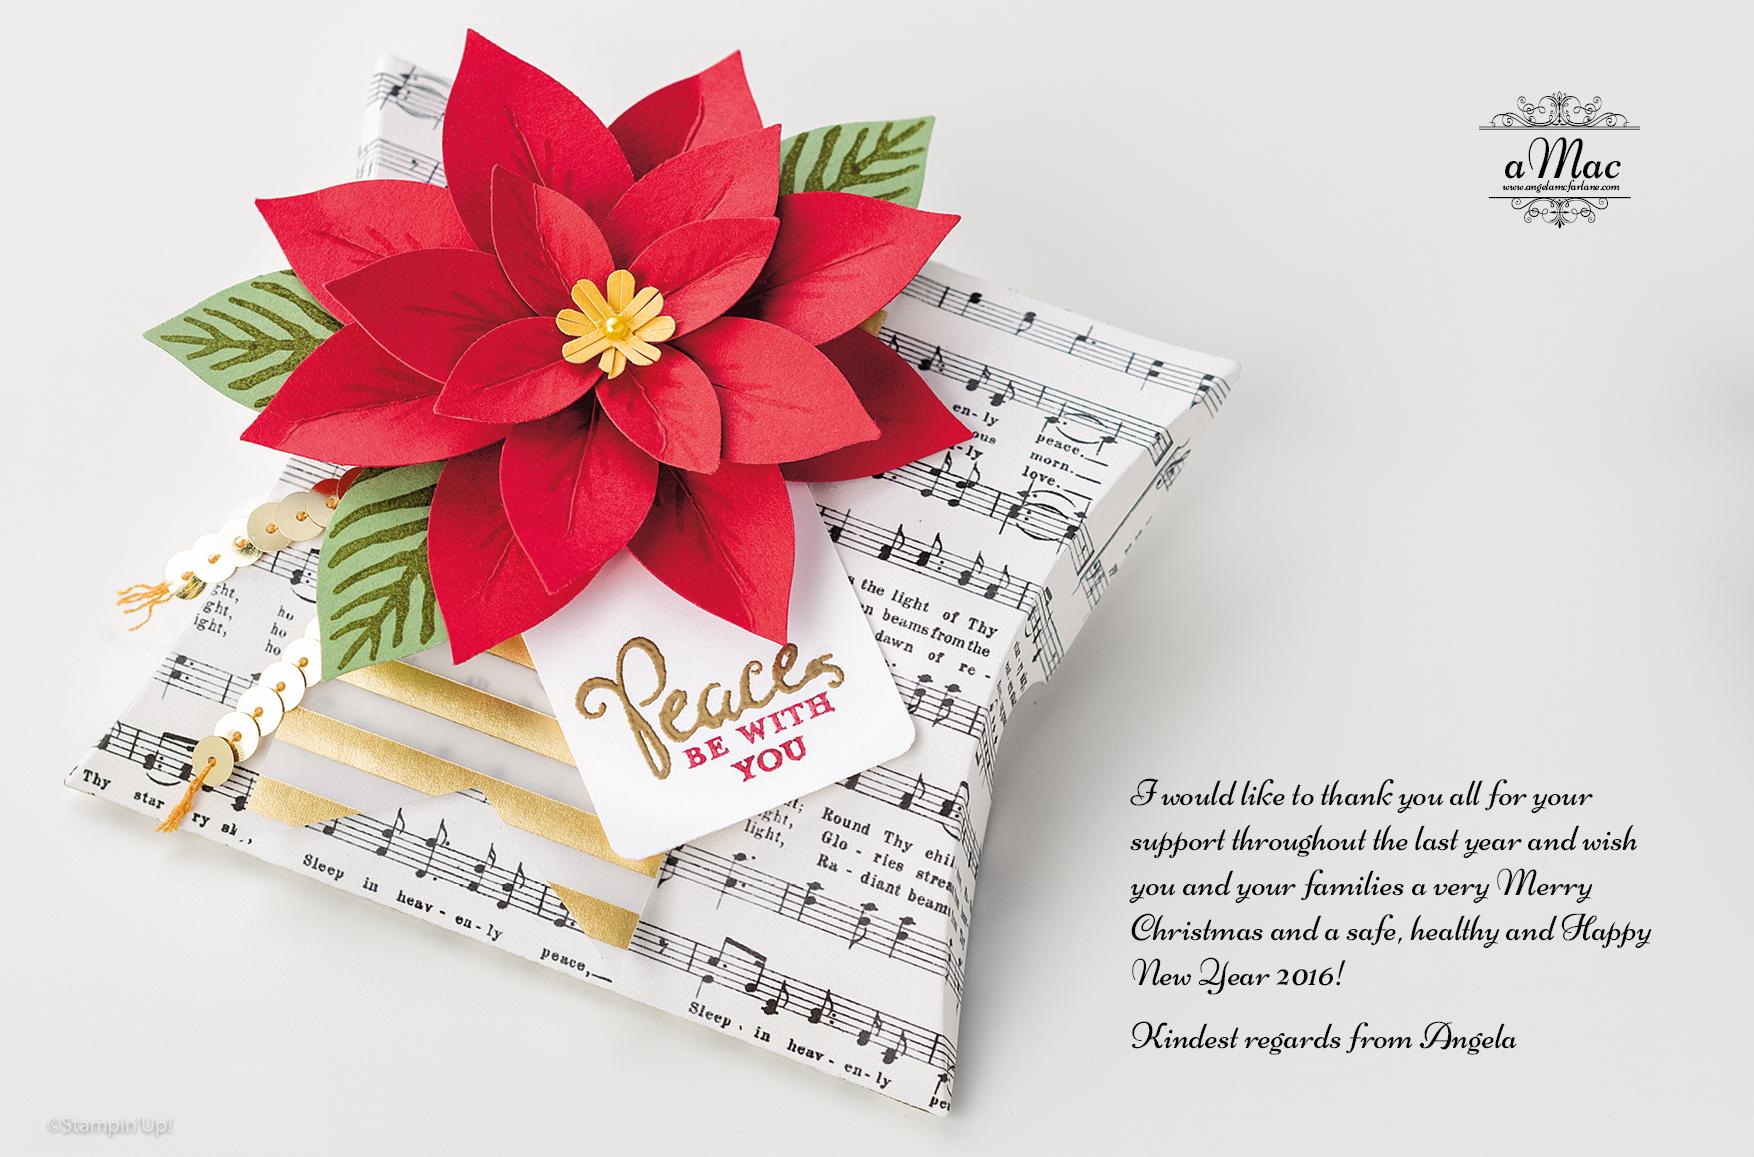 Christmas Greeting 2015